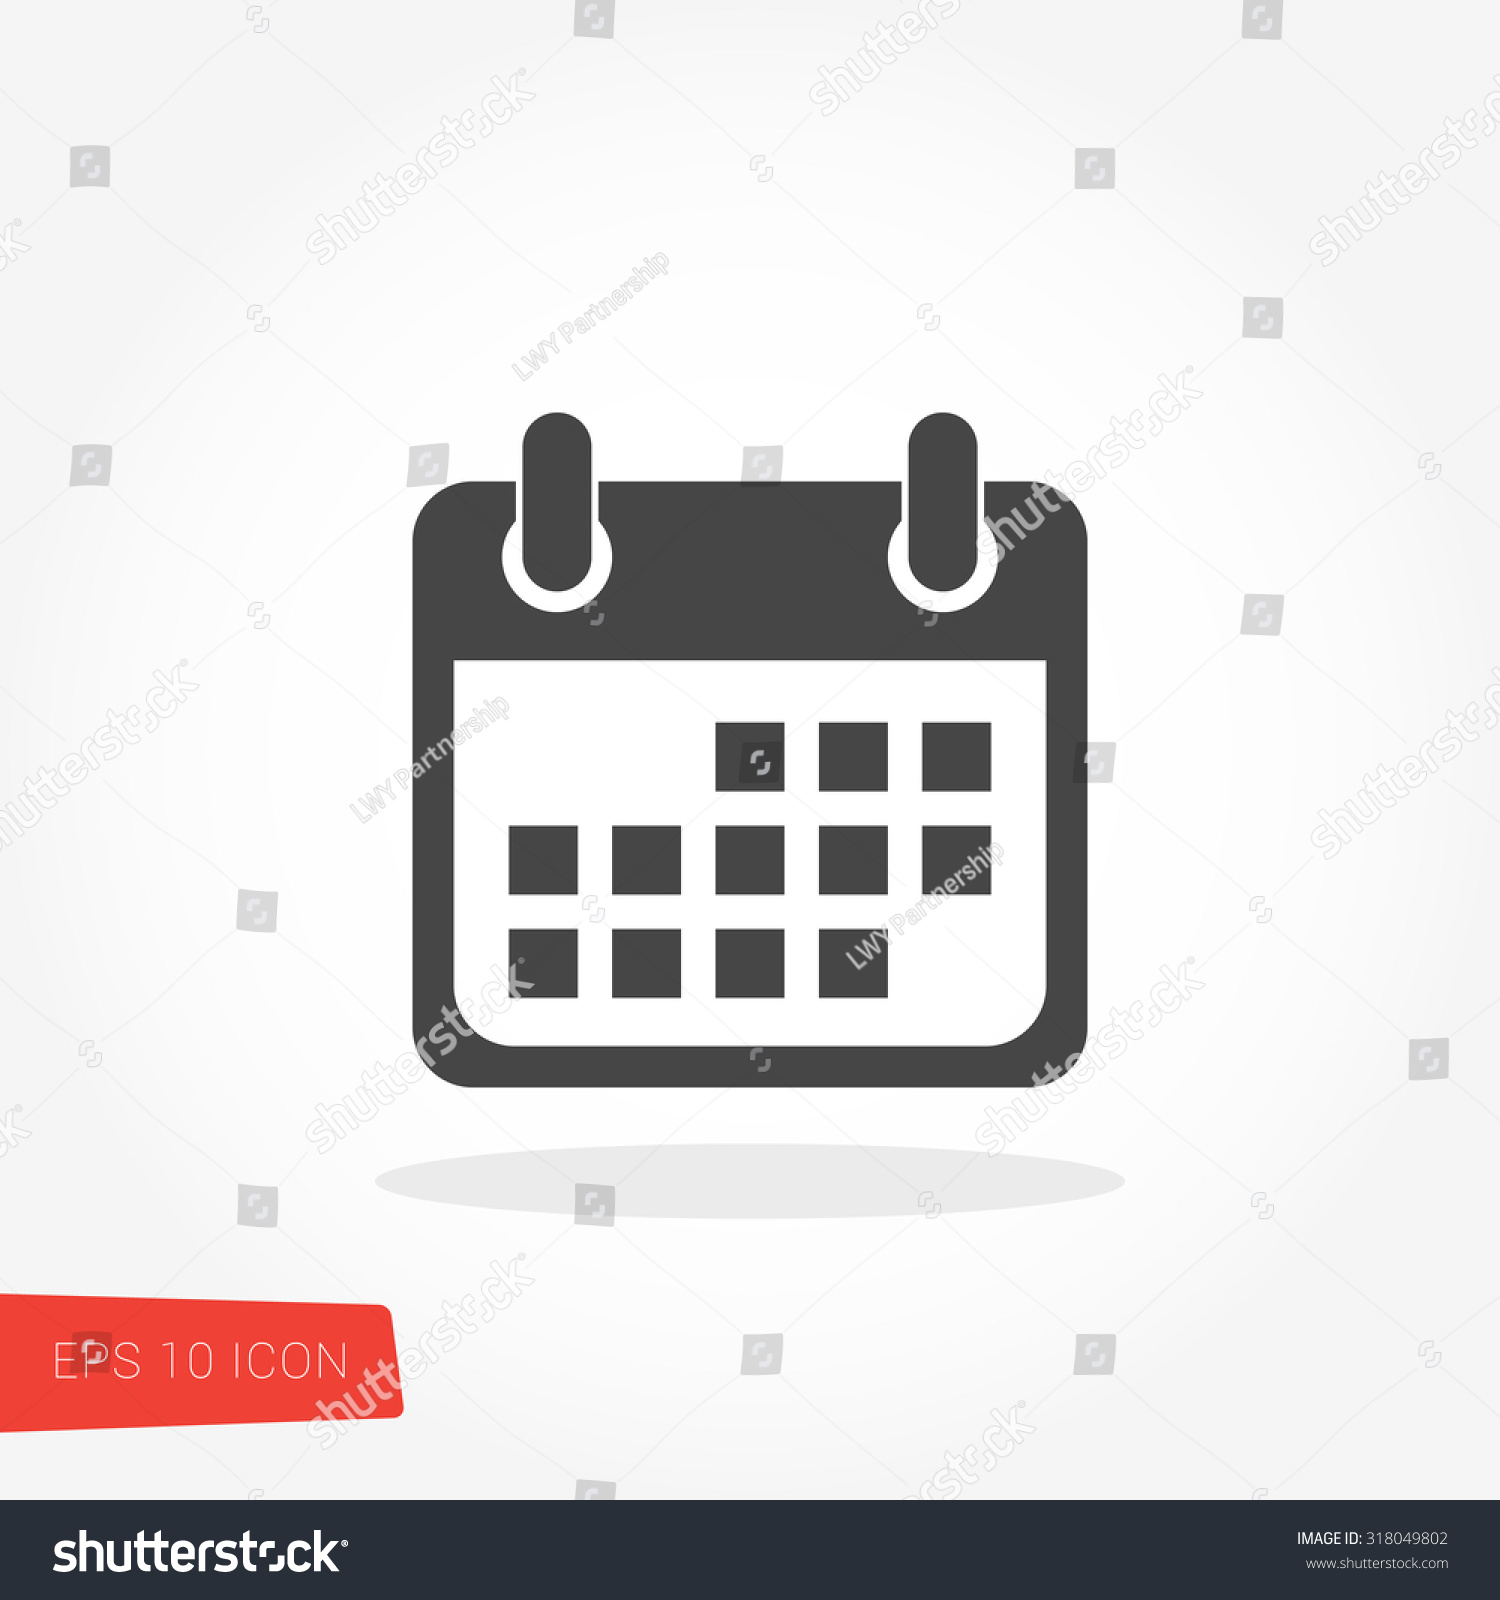 Calendar Graphic Icon : Calendar icon vector